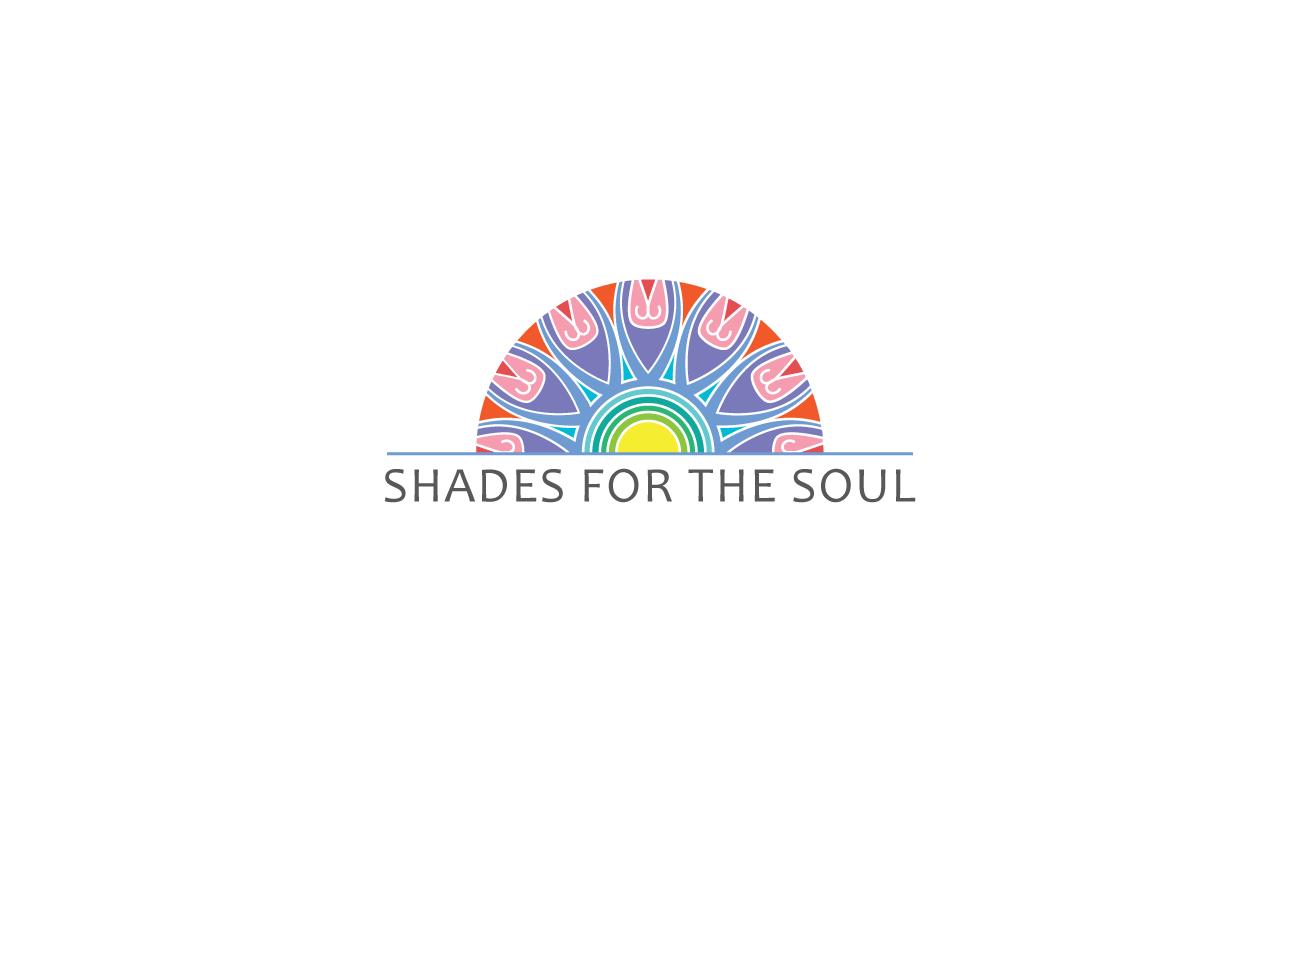 Colouring book brand logo